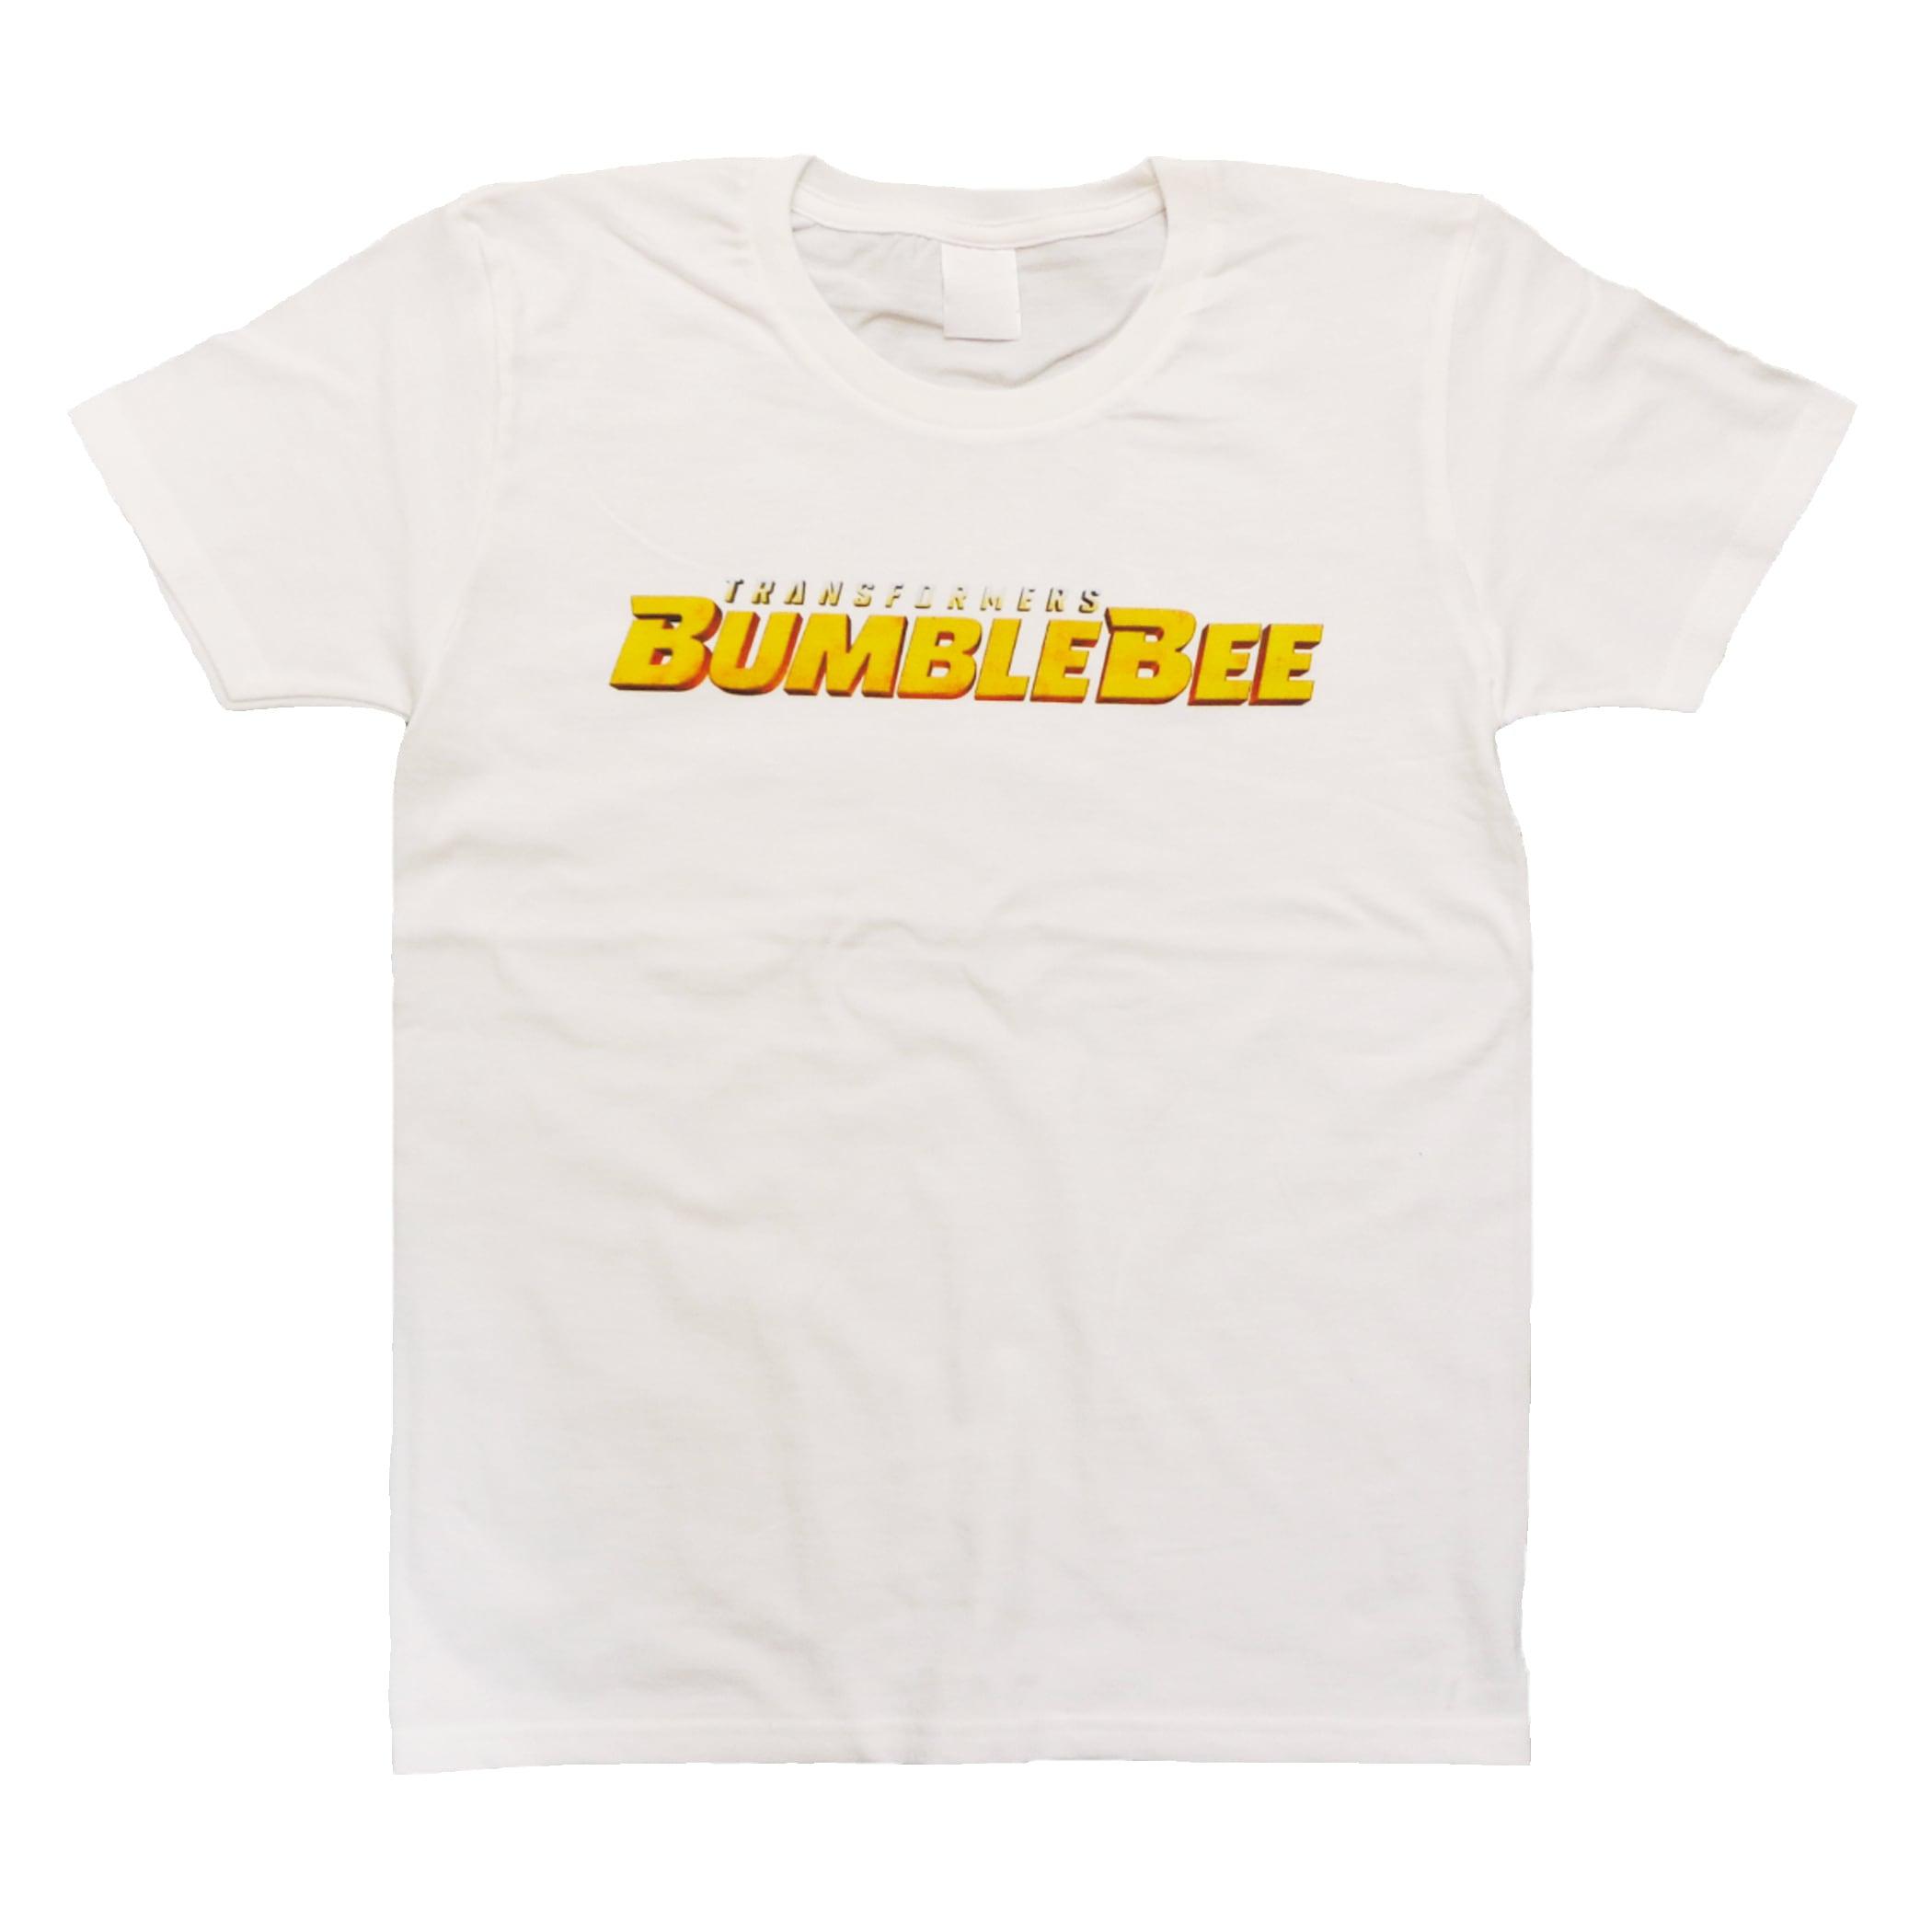 【トランスフォーマー】映画:バンブルビー|公式ロゴ Tシャツ